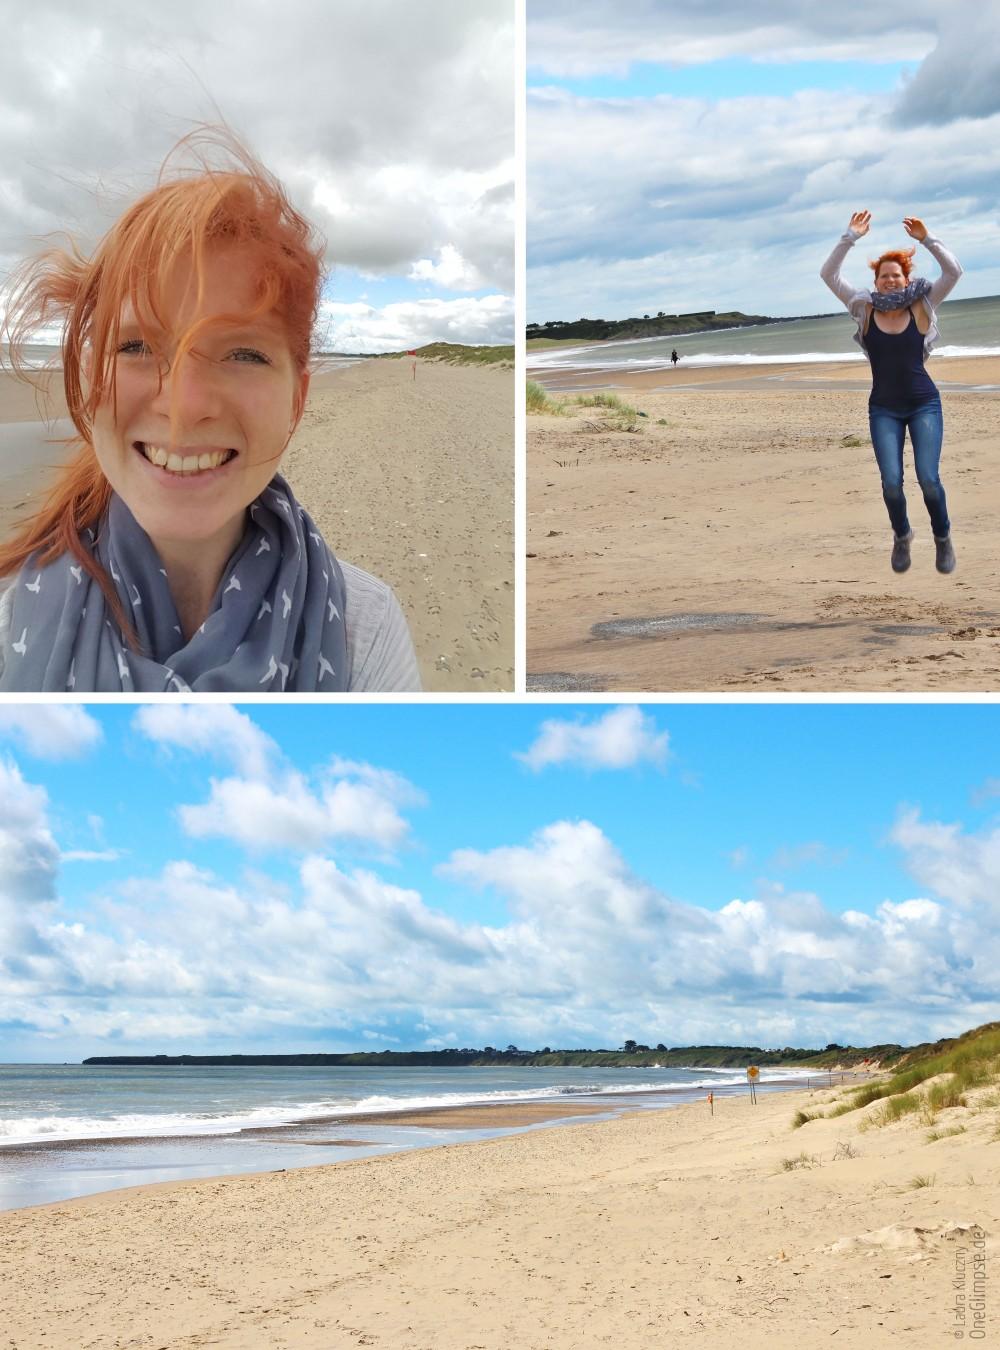 Brittas Bay: Wunderschöner, menschenleerer Strand an Irlands Ostküste